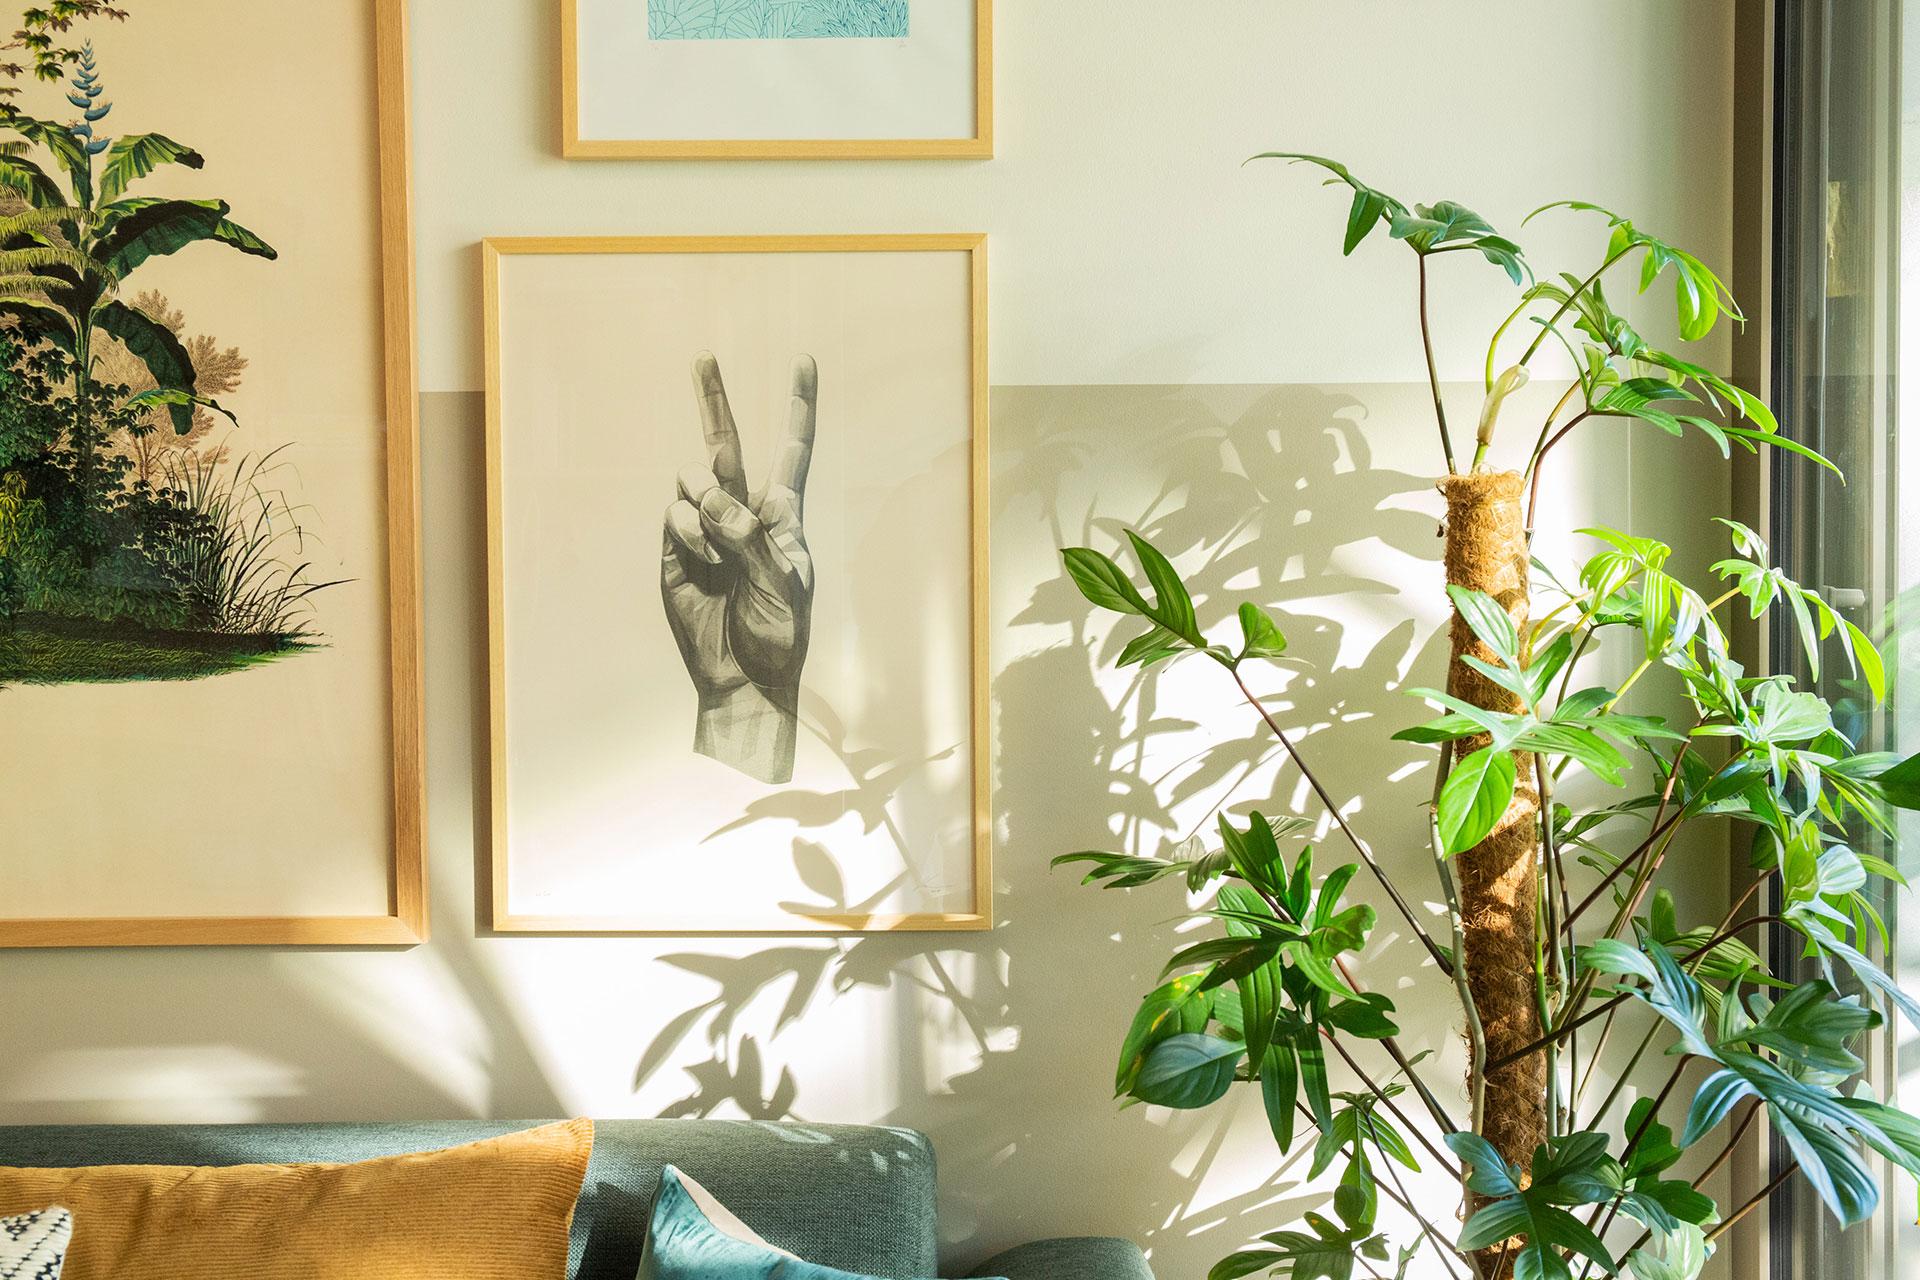 Pflanzen und Bilder